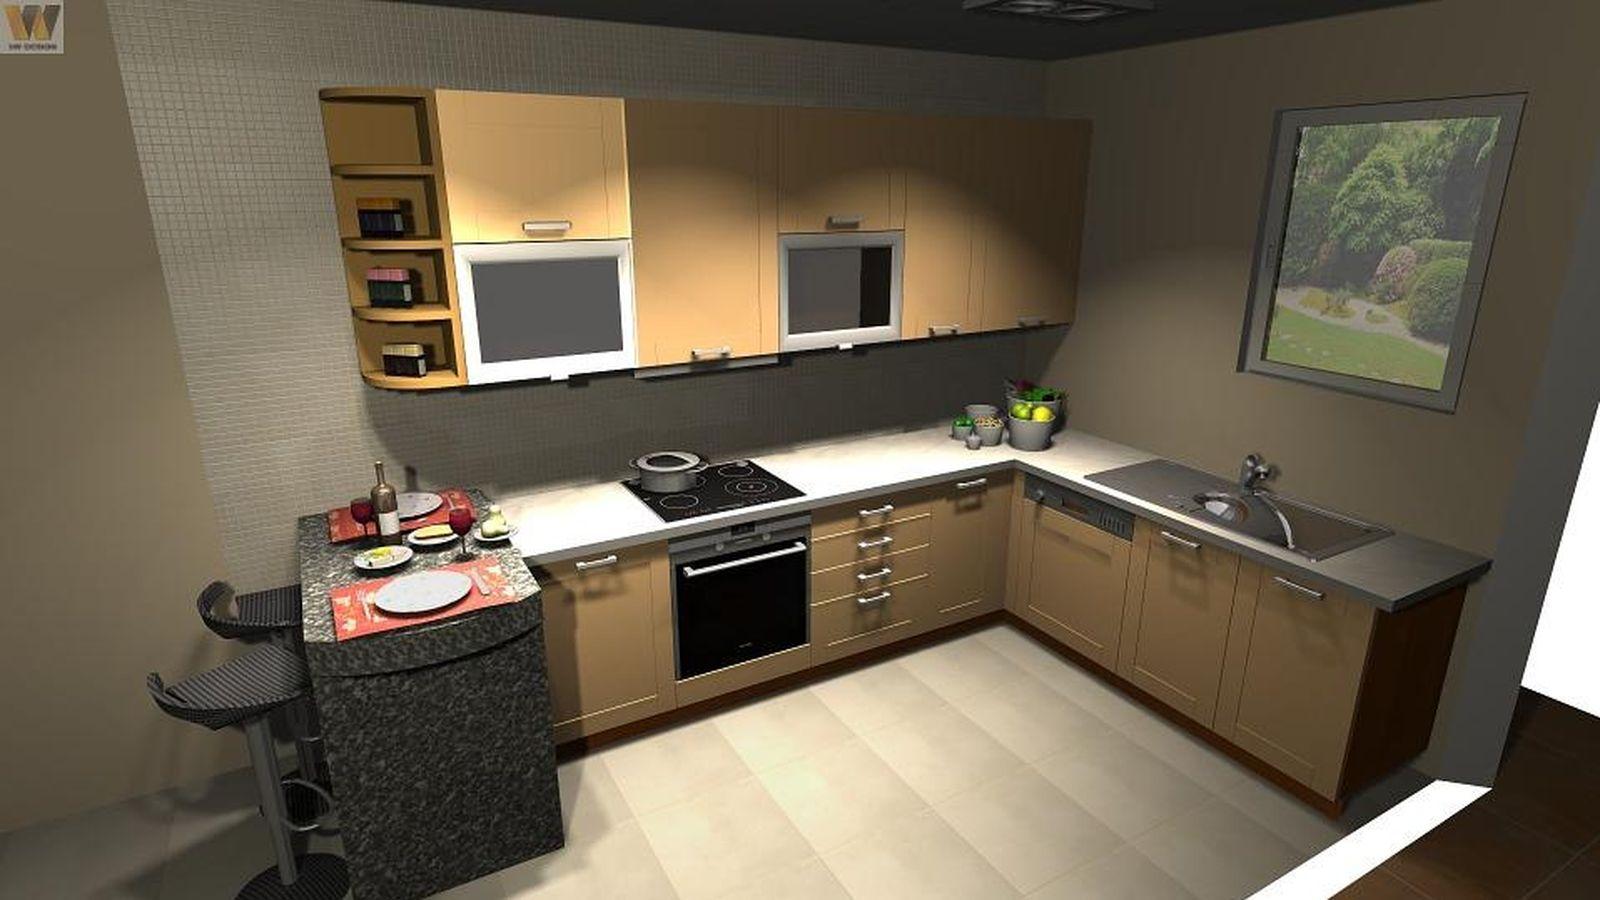 Foto: Diseño de una cocina. (CC/Pixabay/svabic)